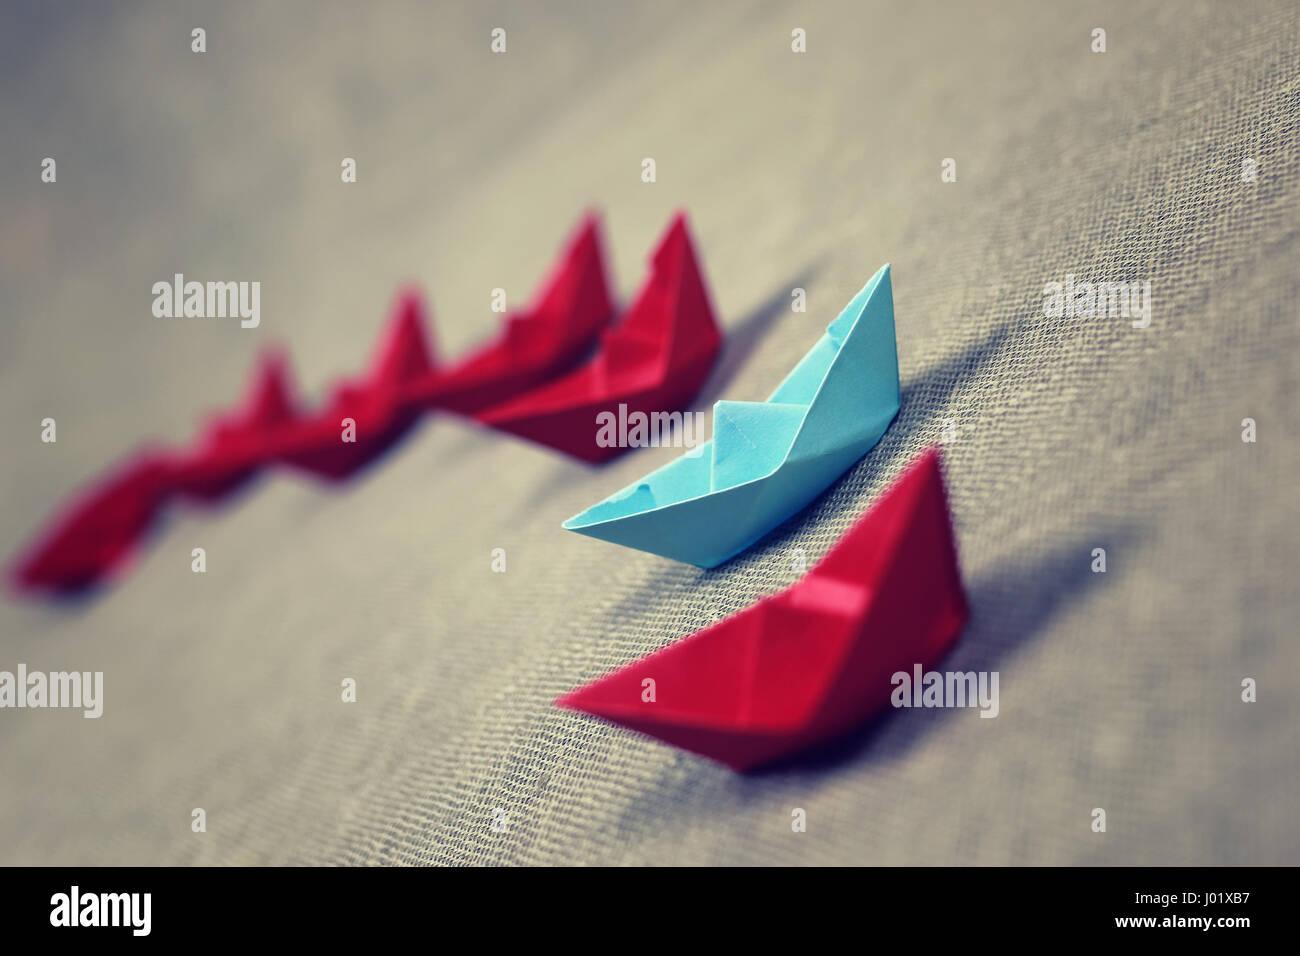 Barquitos de papel coloreado Imagen De Stock